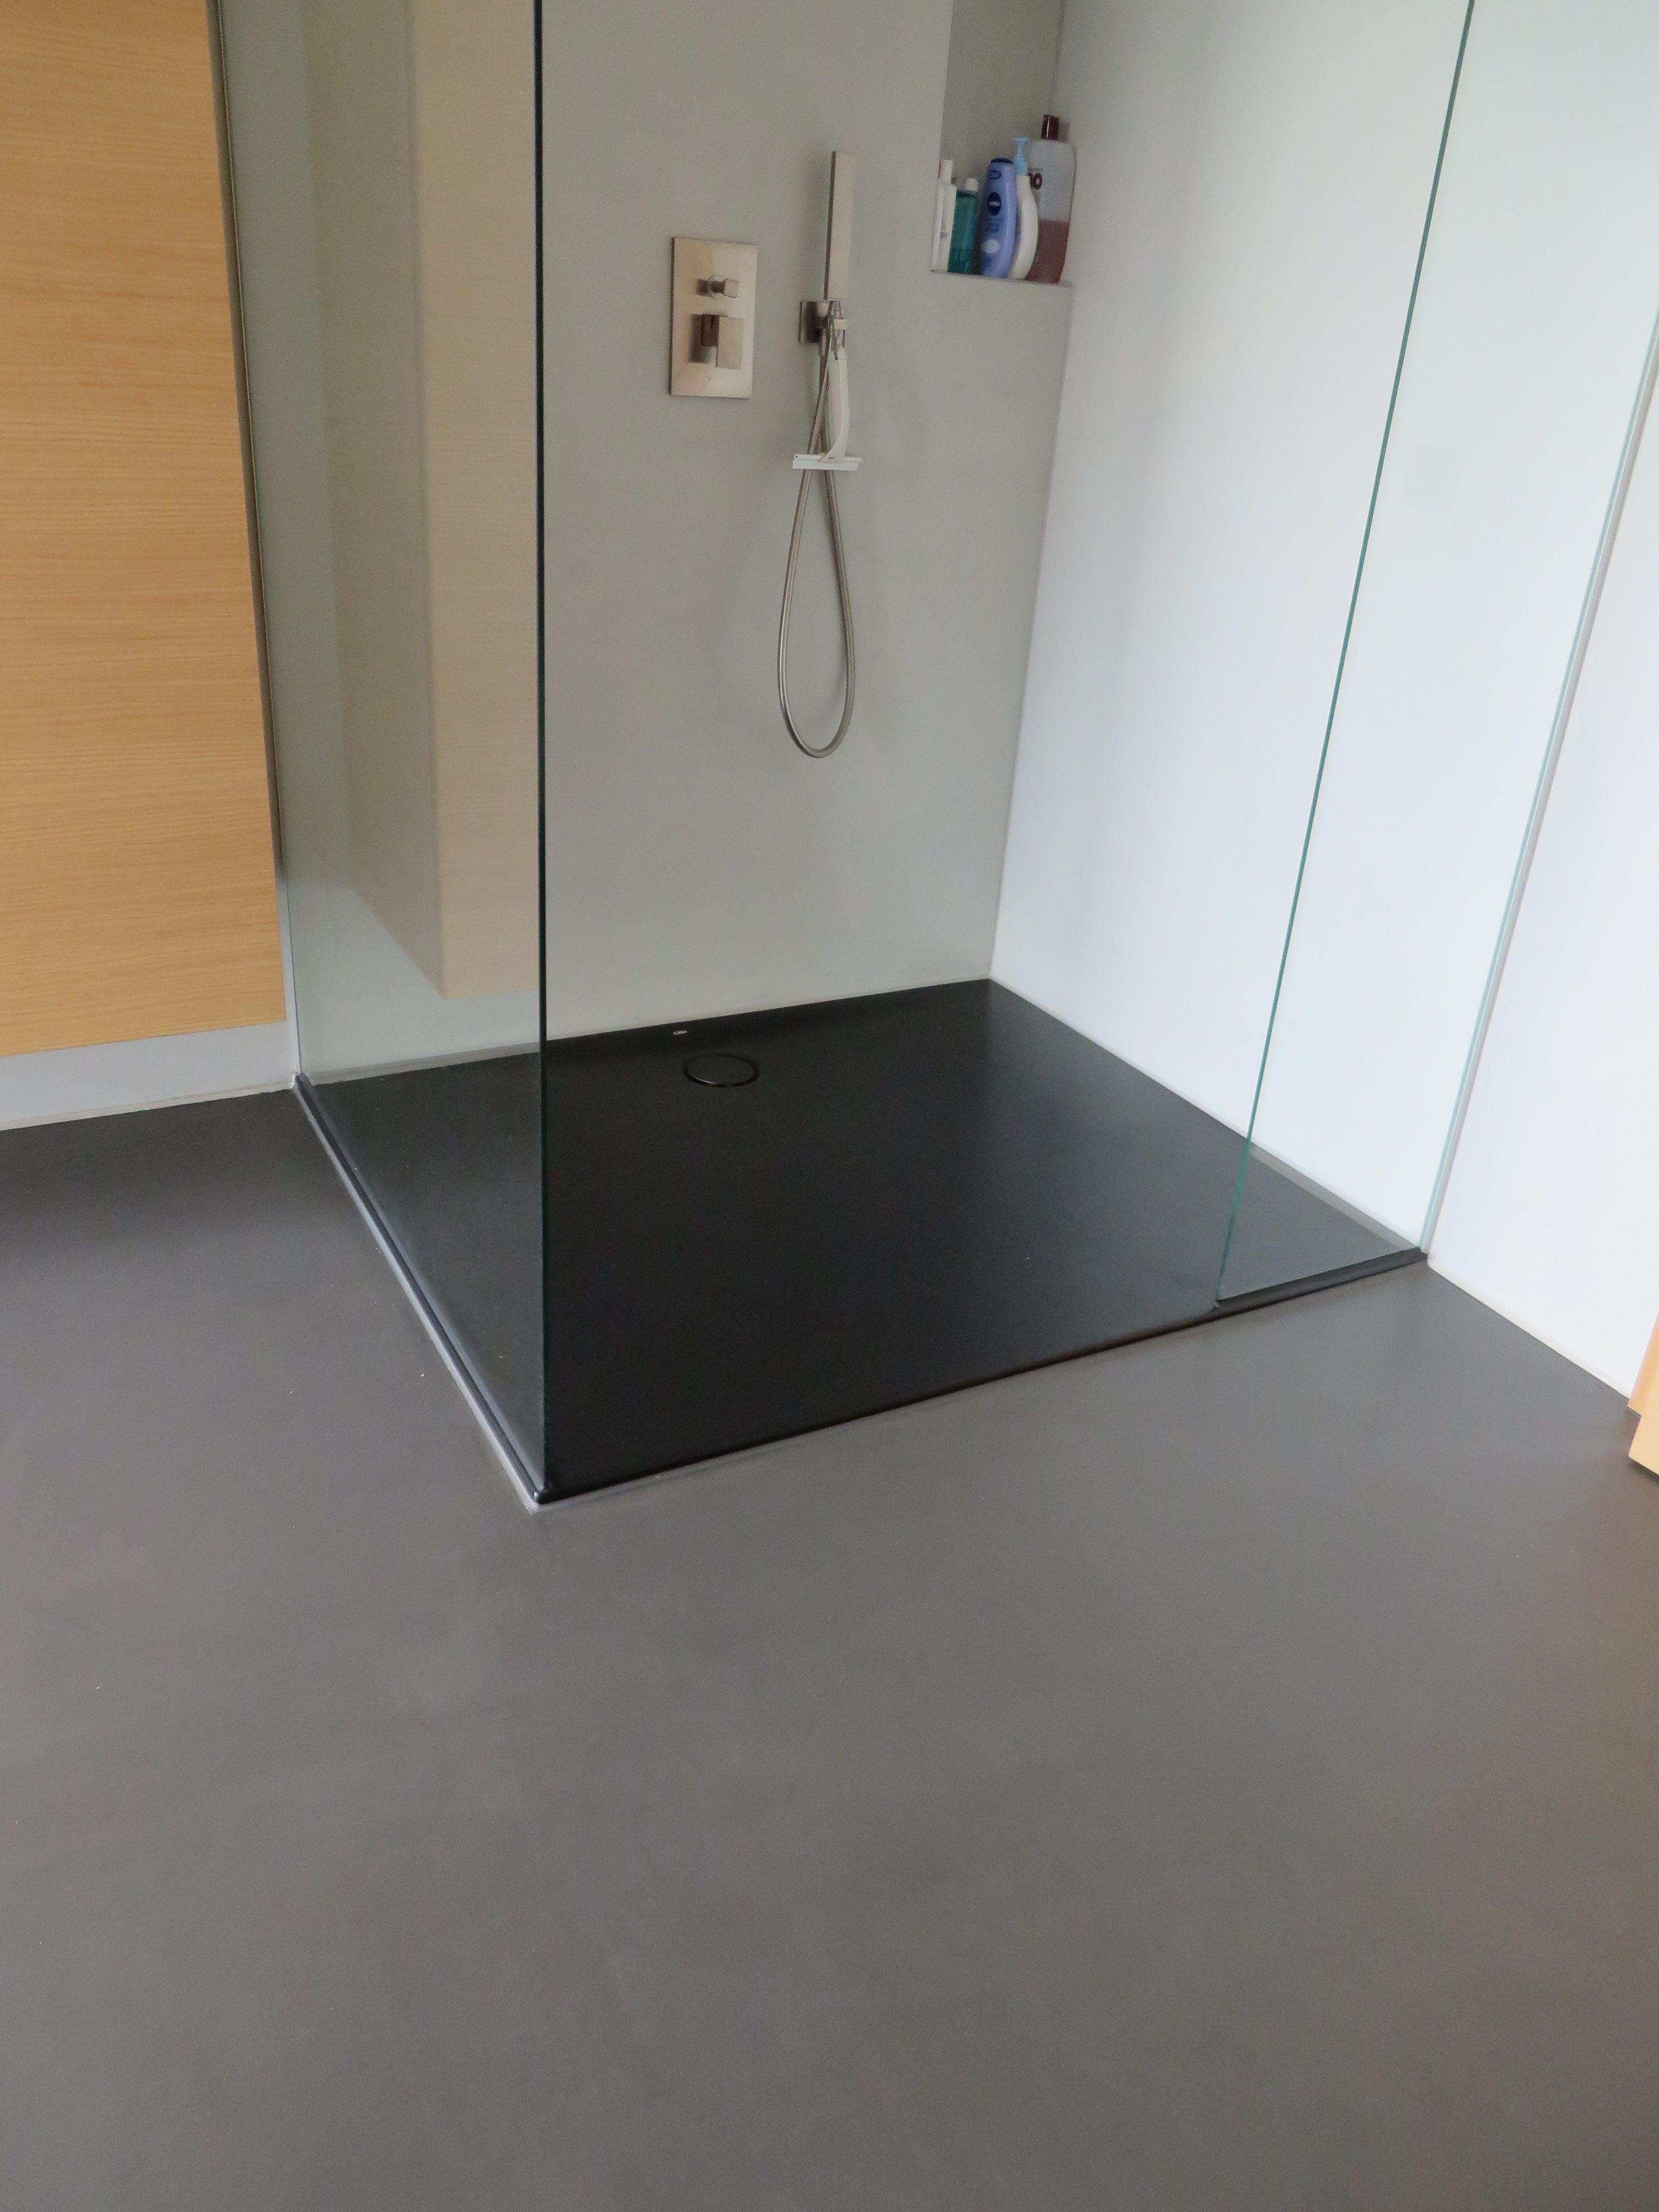 Bad Ohne Fliesen Barrierefreie Dusche Bodengleiche Dusche Fliesen Dusche 90x90 Bad Neu Gestalten